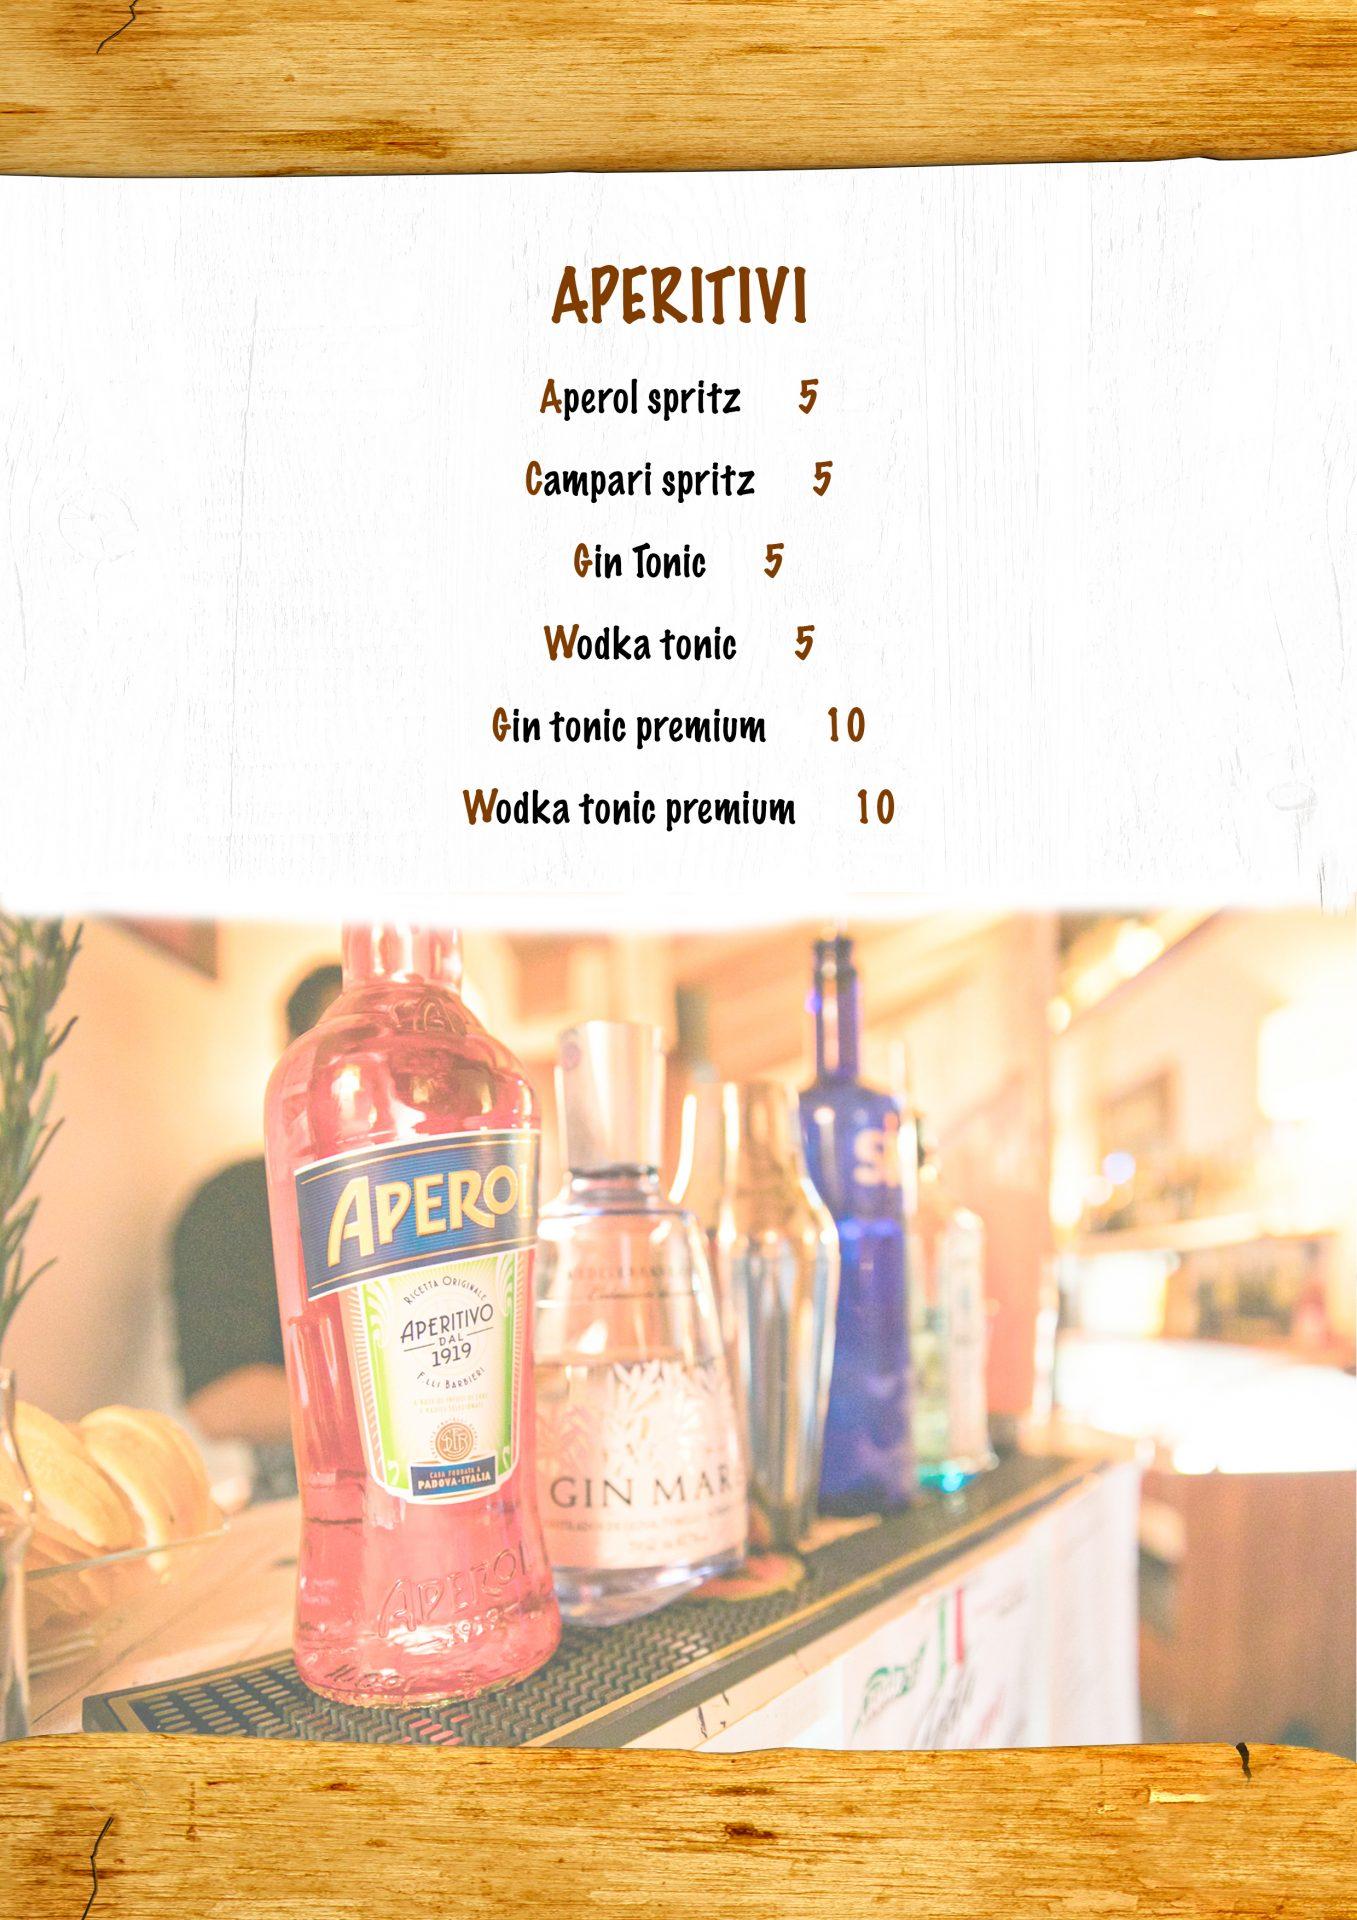 APERITIVI menù casale 93-9